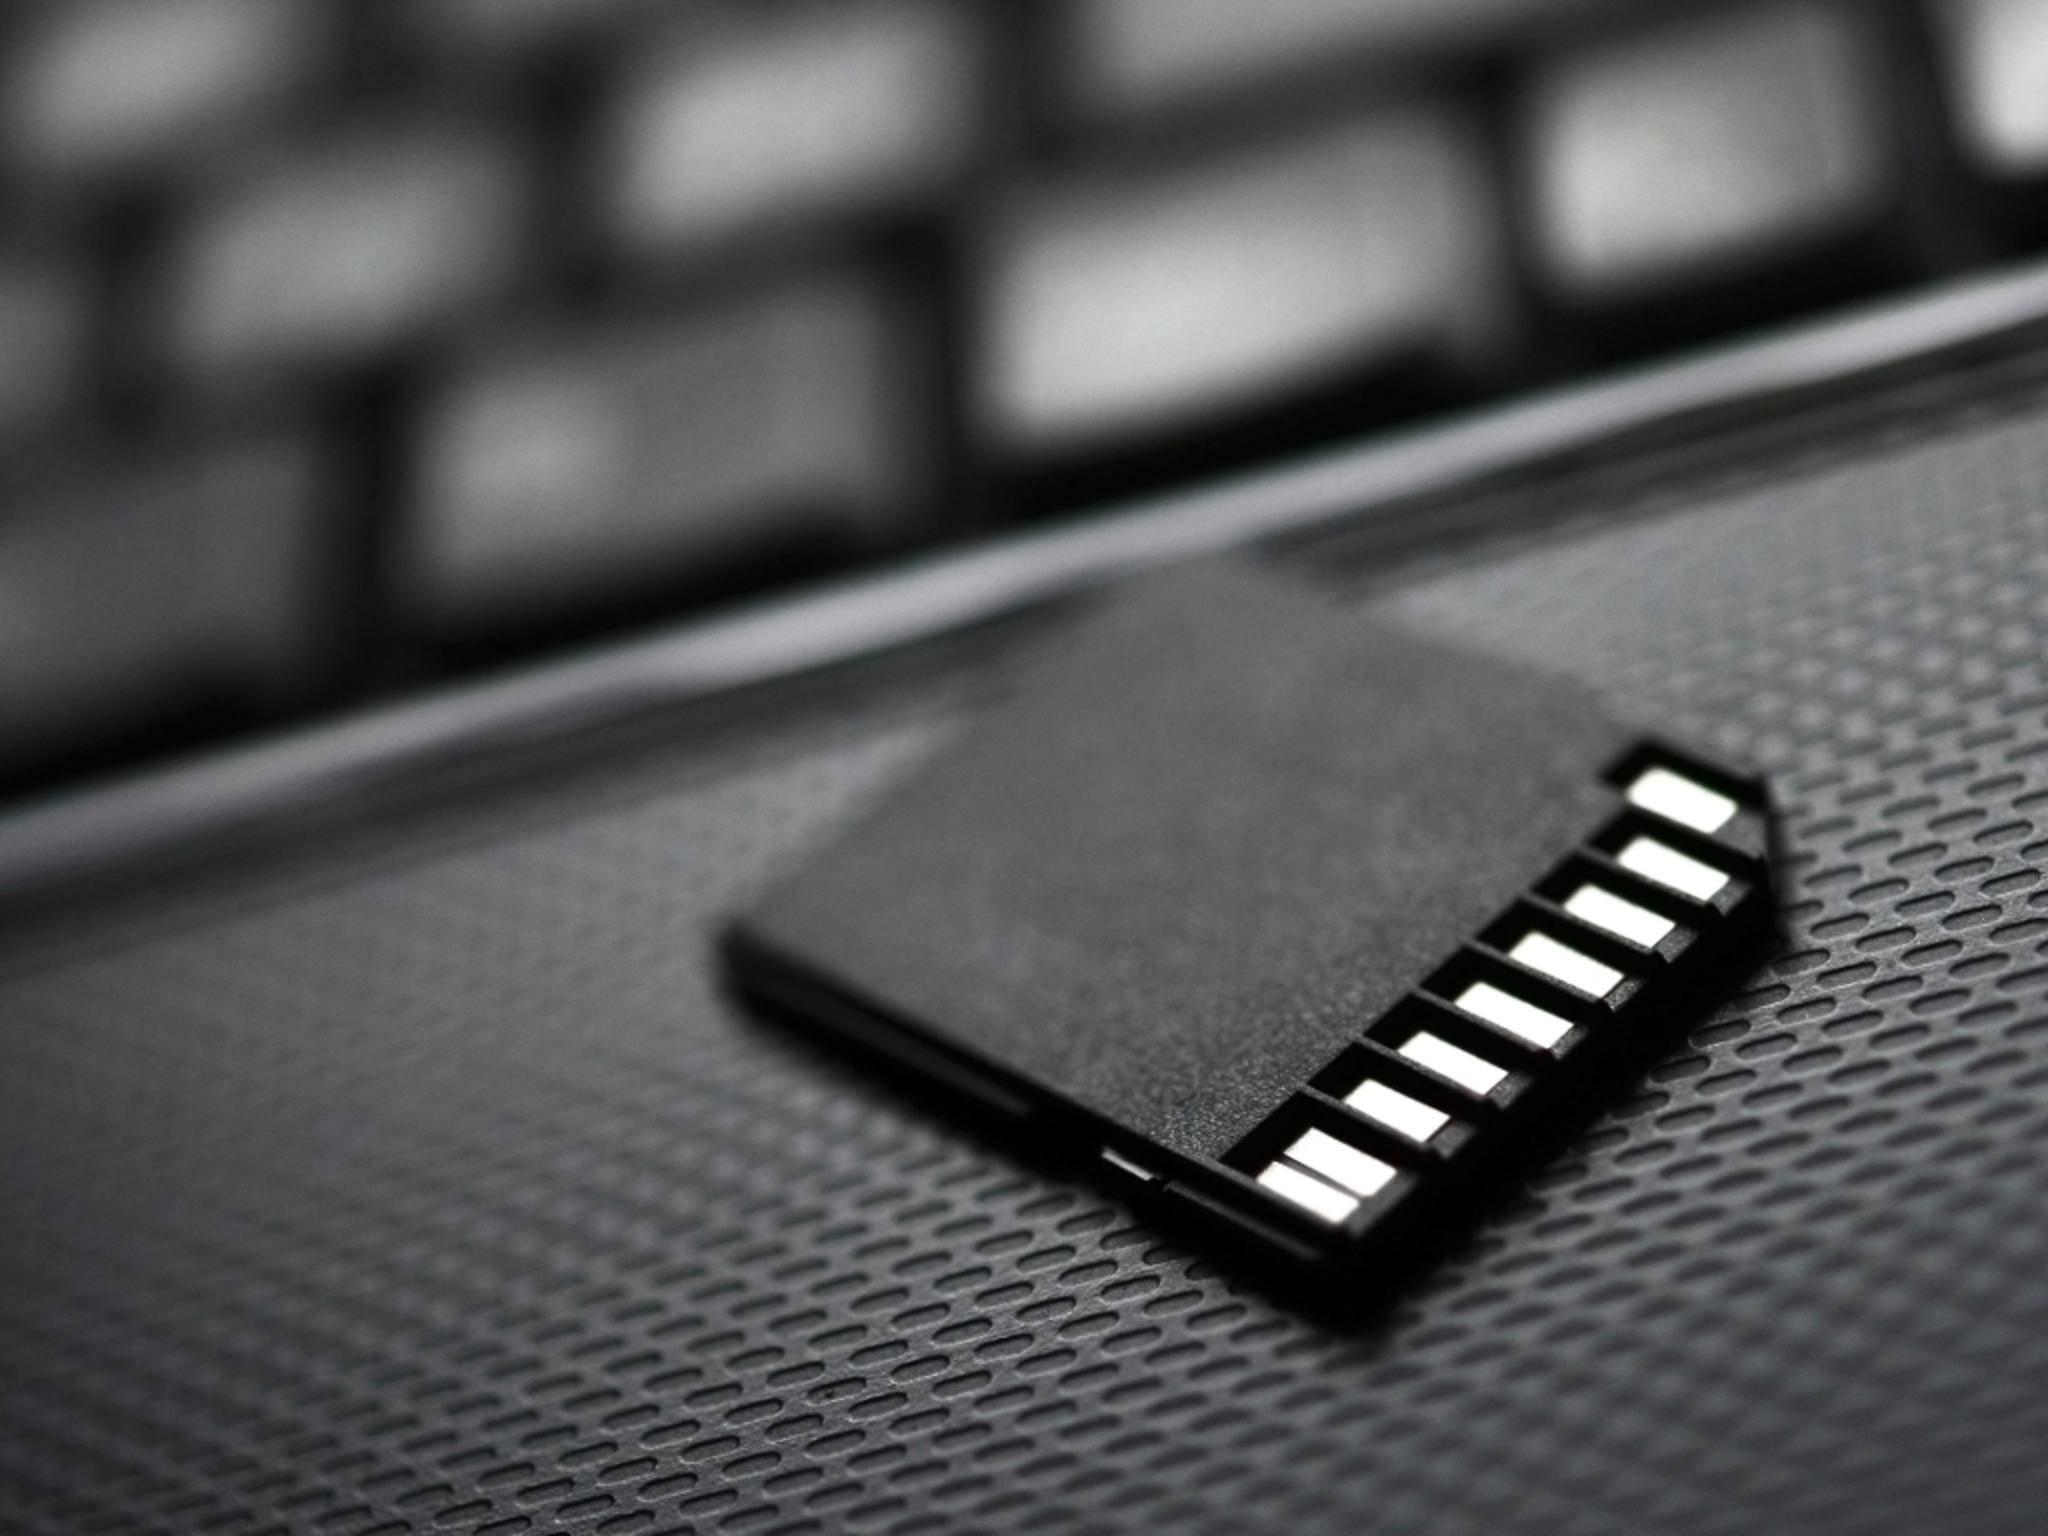 Die neuen SD-Karten von Samsung bieten Speicher für bis zu 128 GB an Daten.